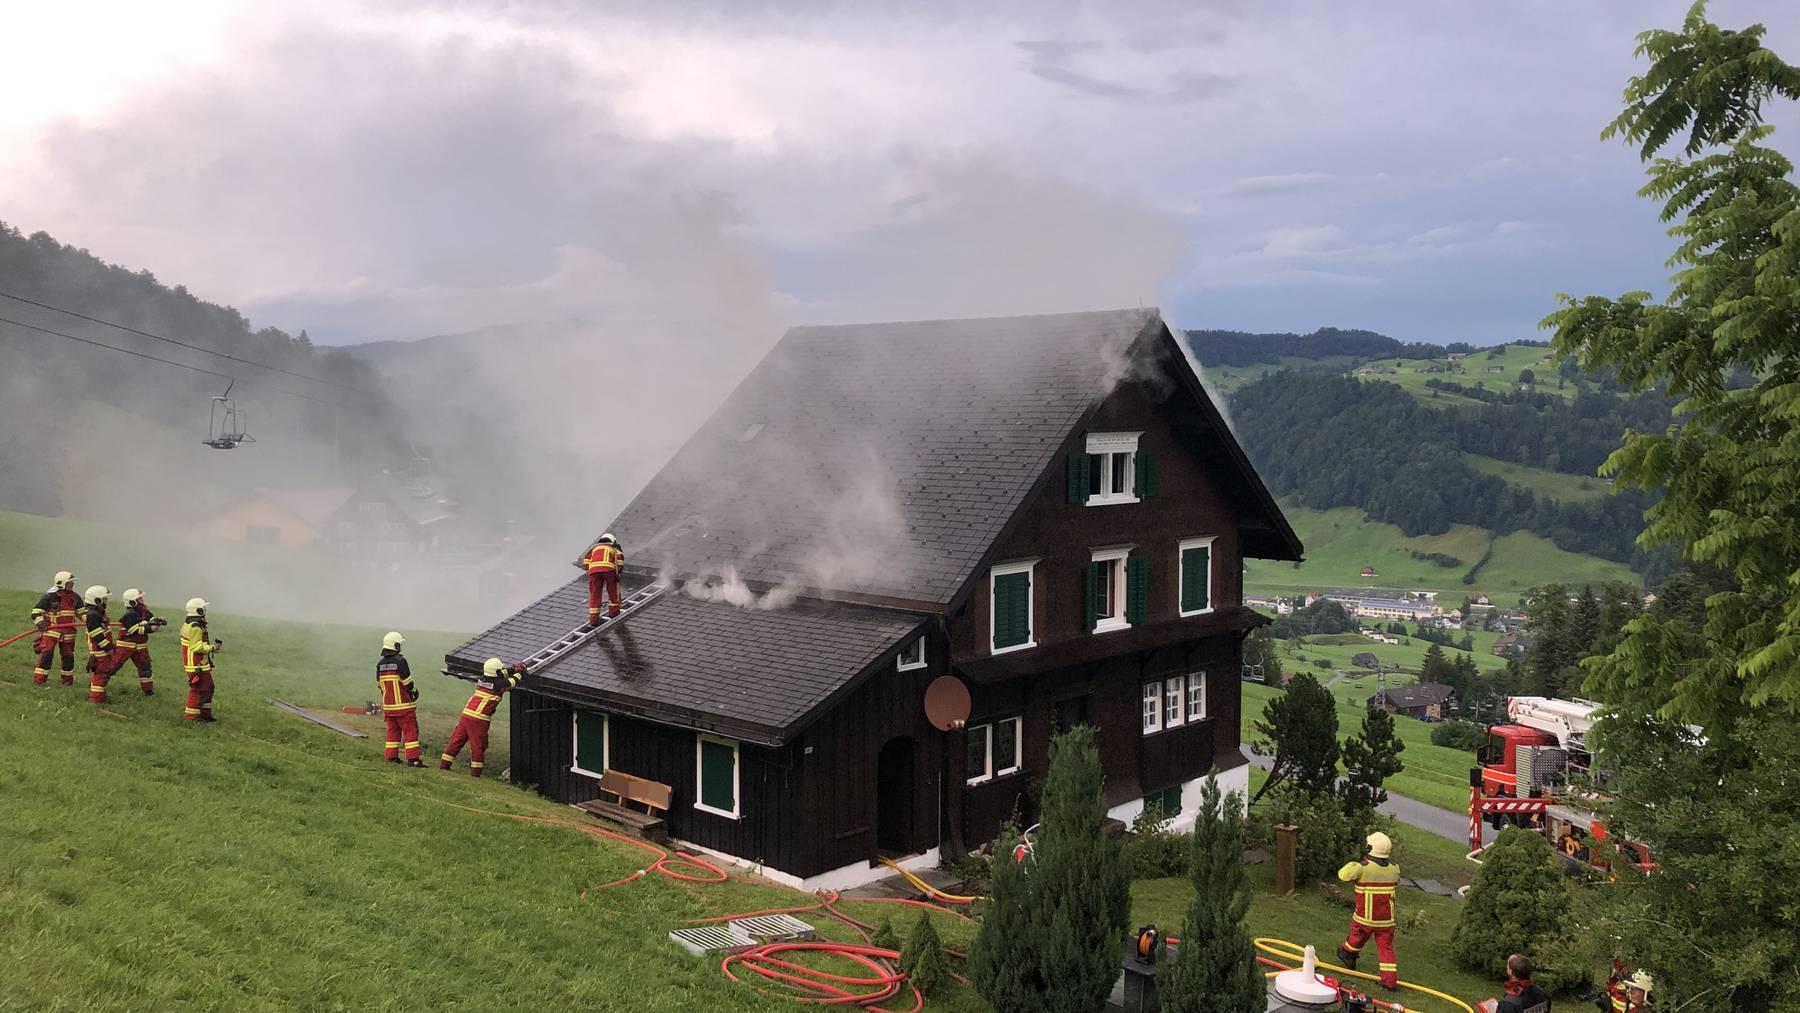 Der Brand wurde wohl durch einen Blitz ausgelöst.